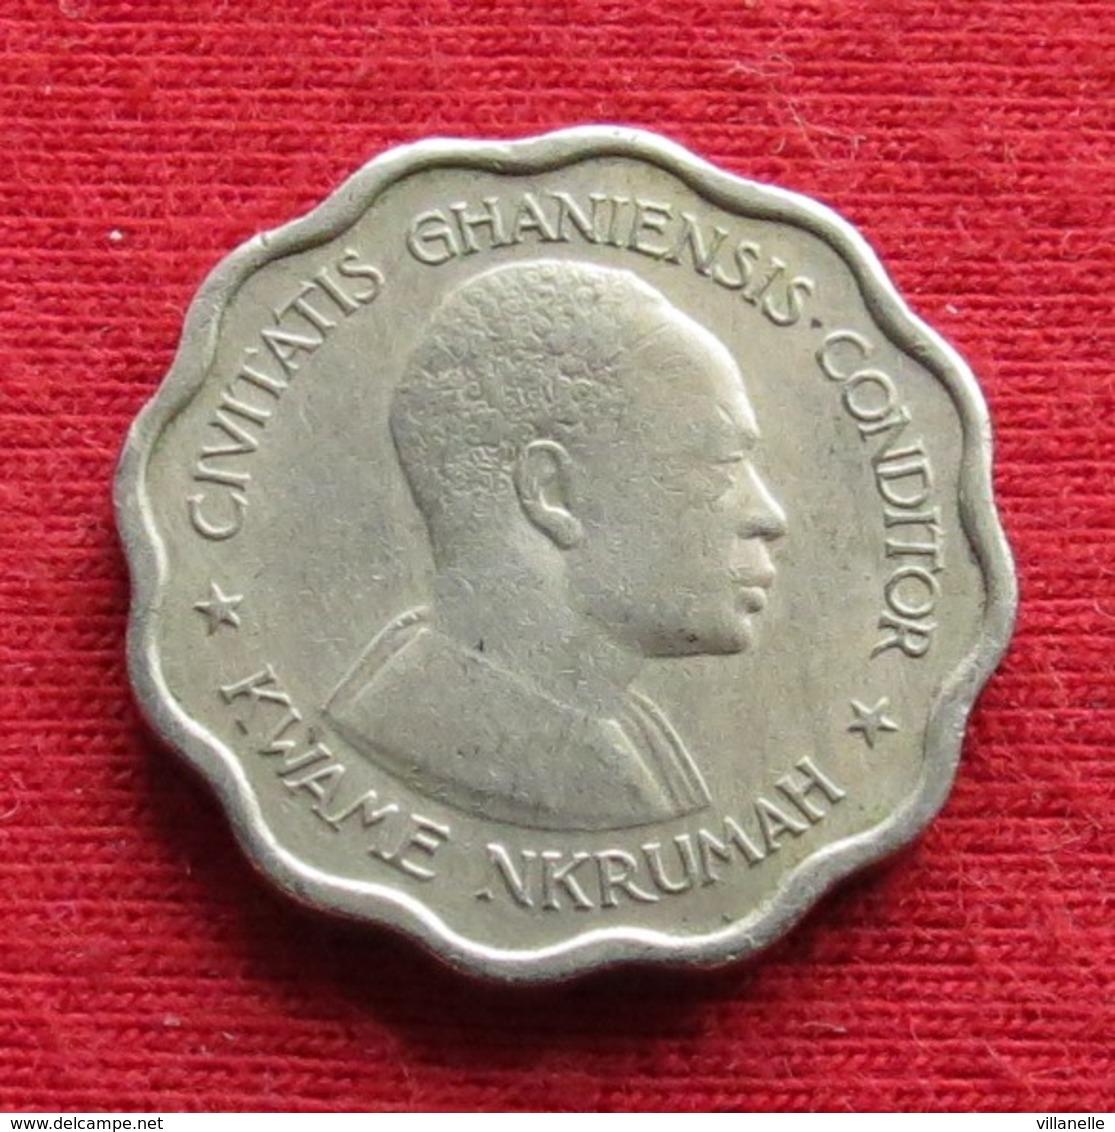 Ghana 3 Three Pence 1958 KM# 3 *V2 Gana - Ghana